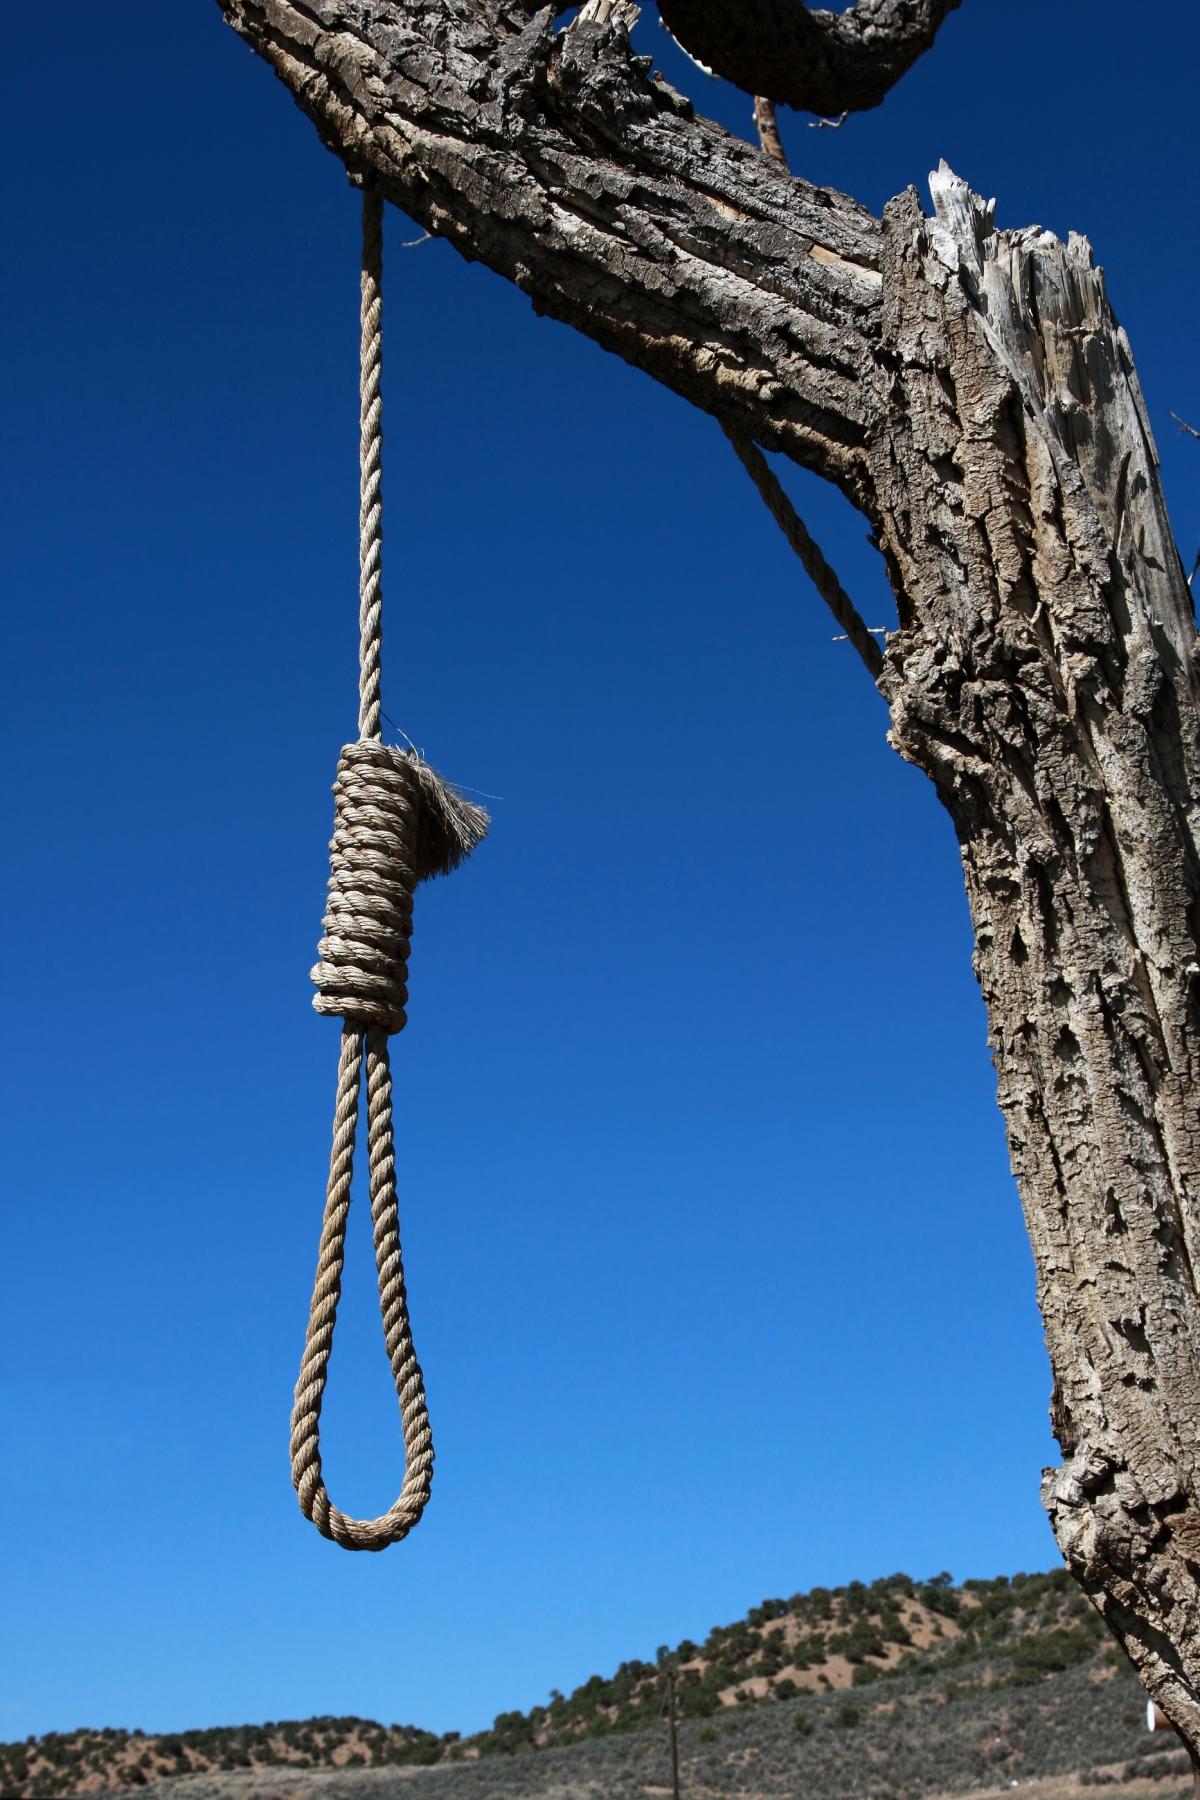 Hanging Noose on tree